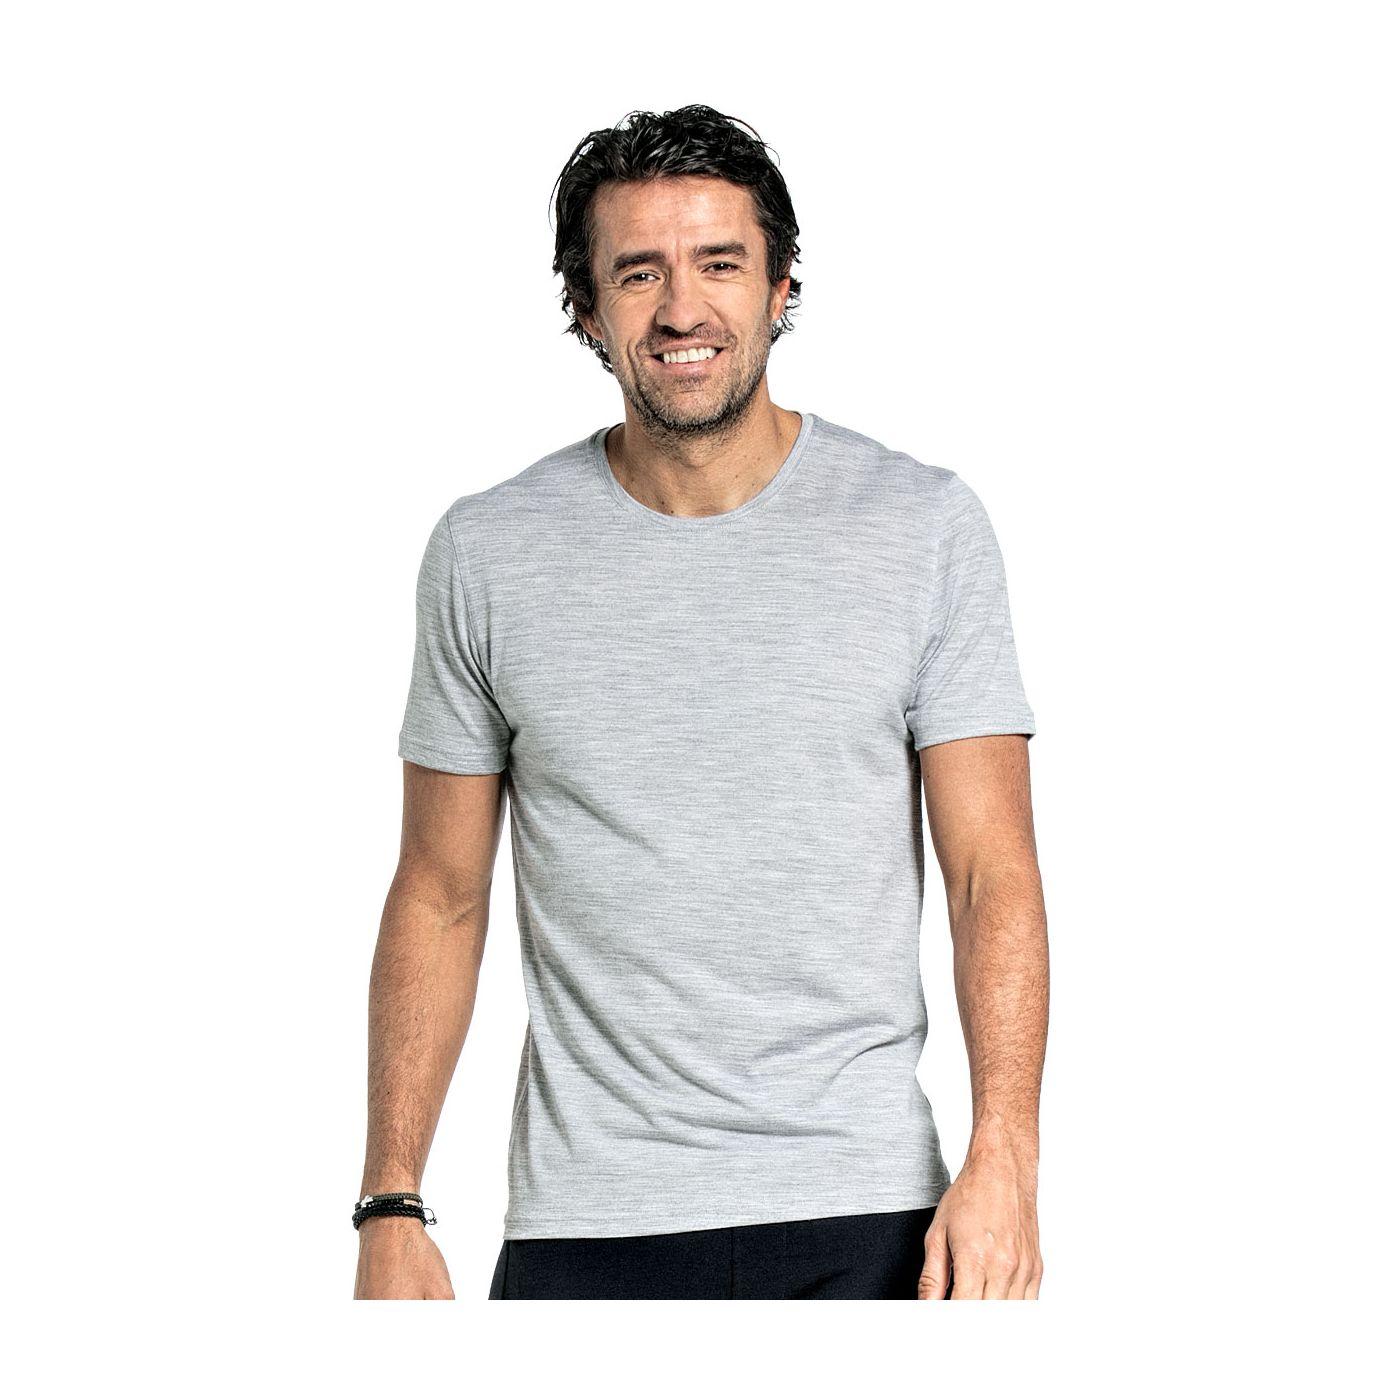 T-shirt voor mannen gemaakt van merinowol in het Lichtgrijs